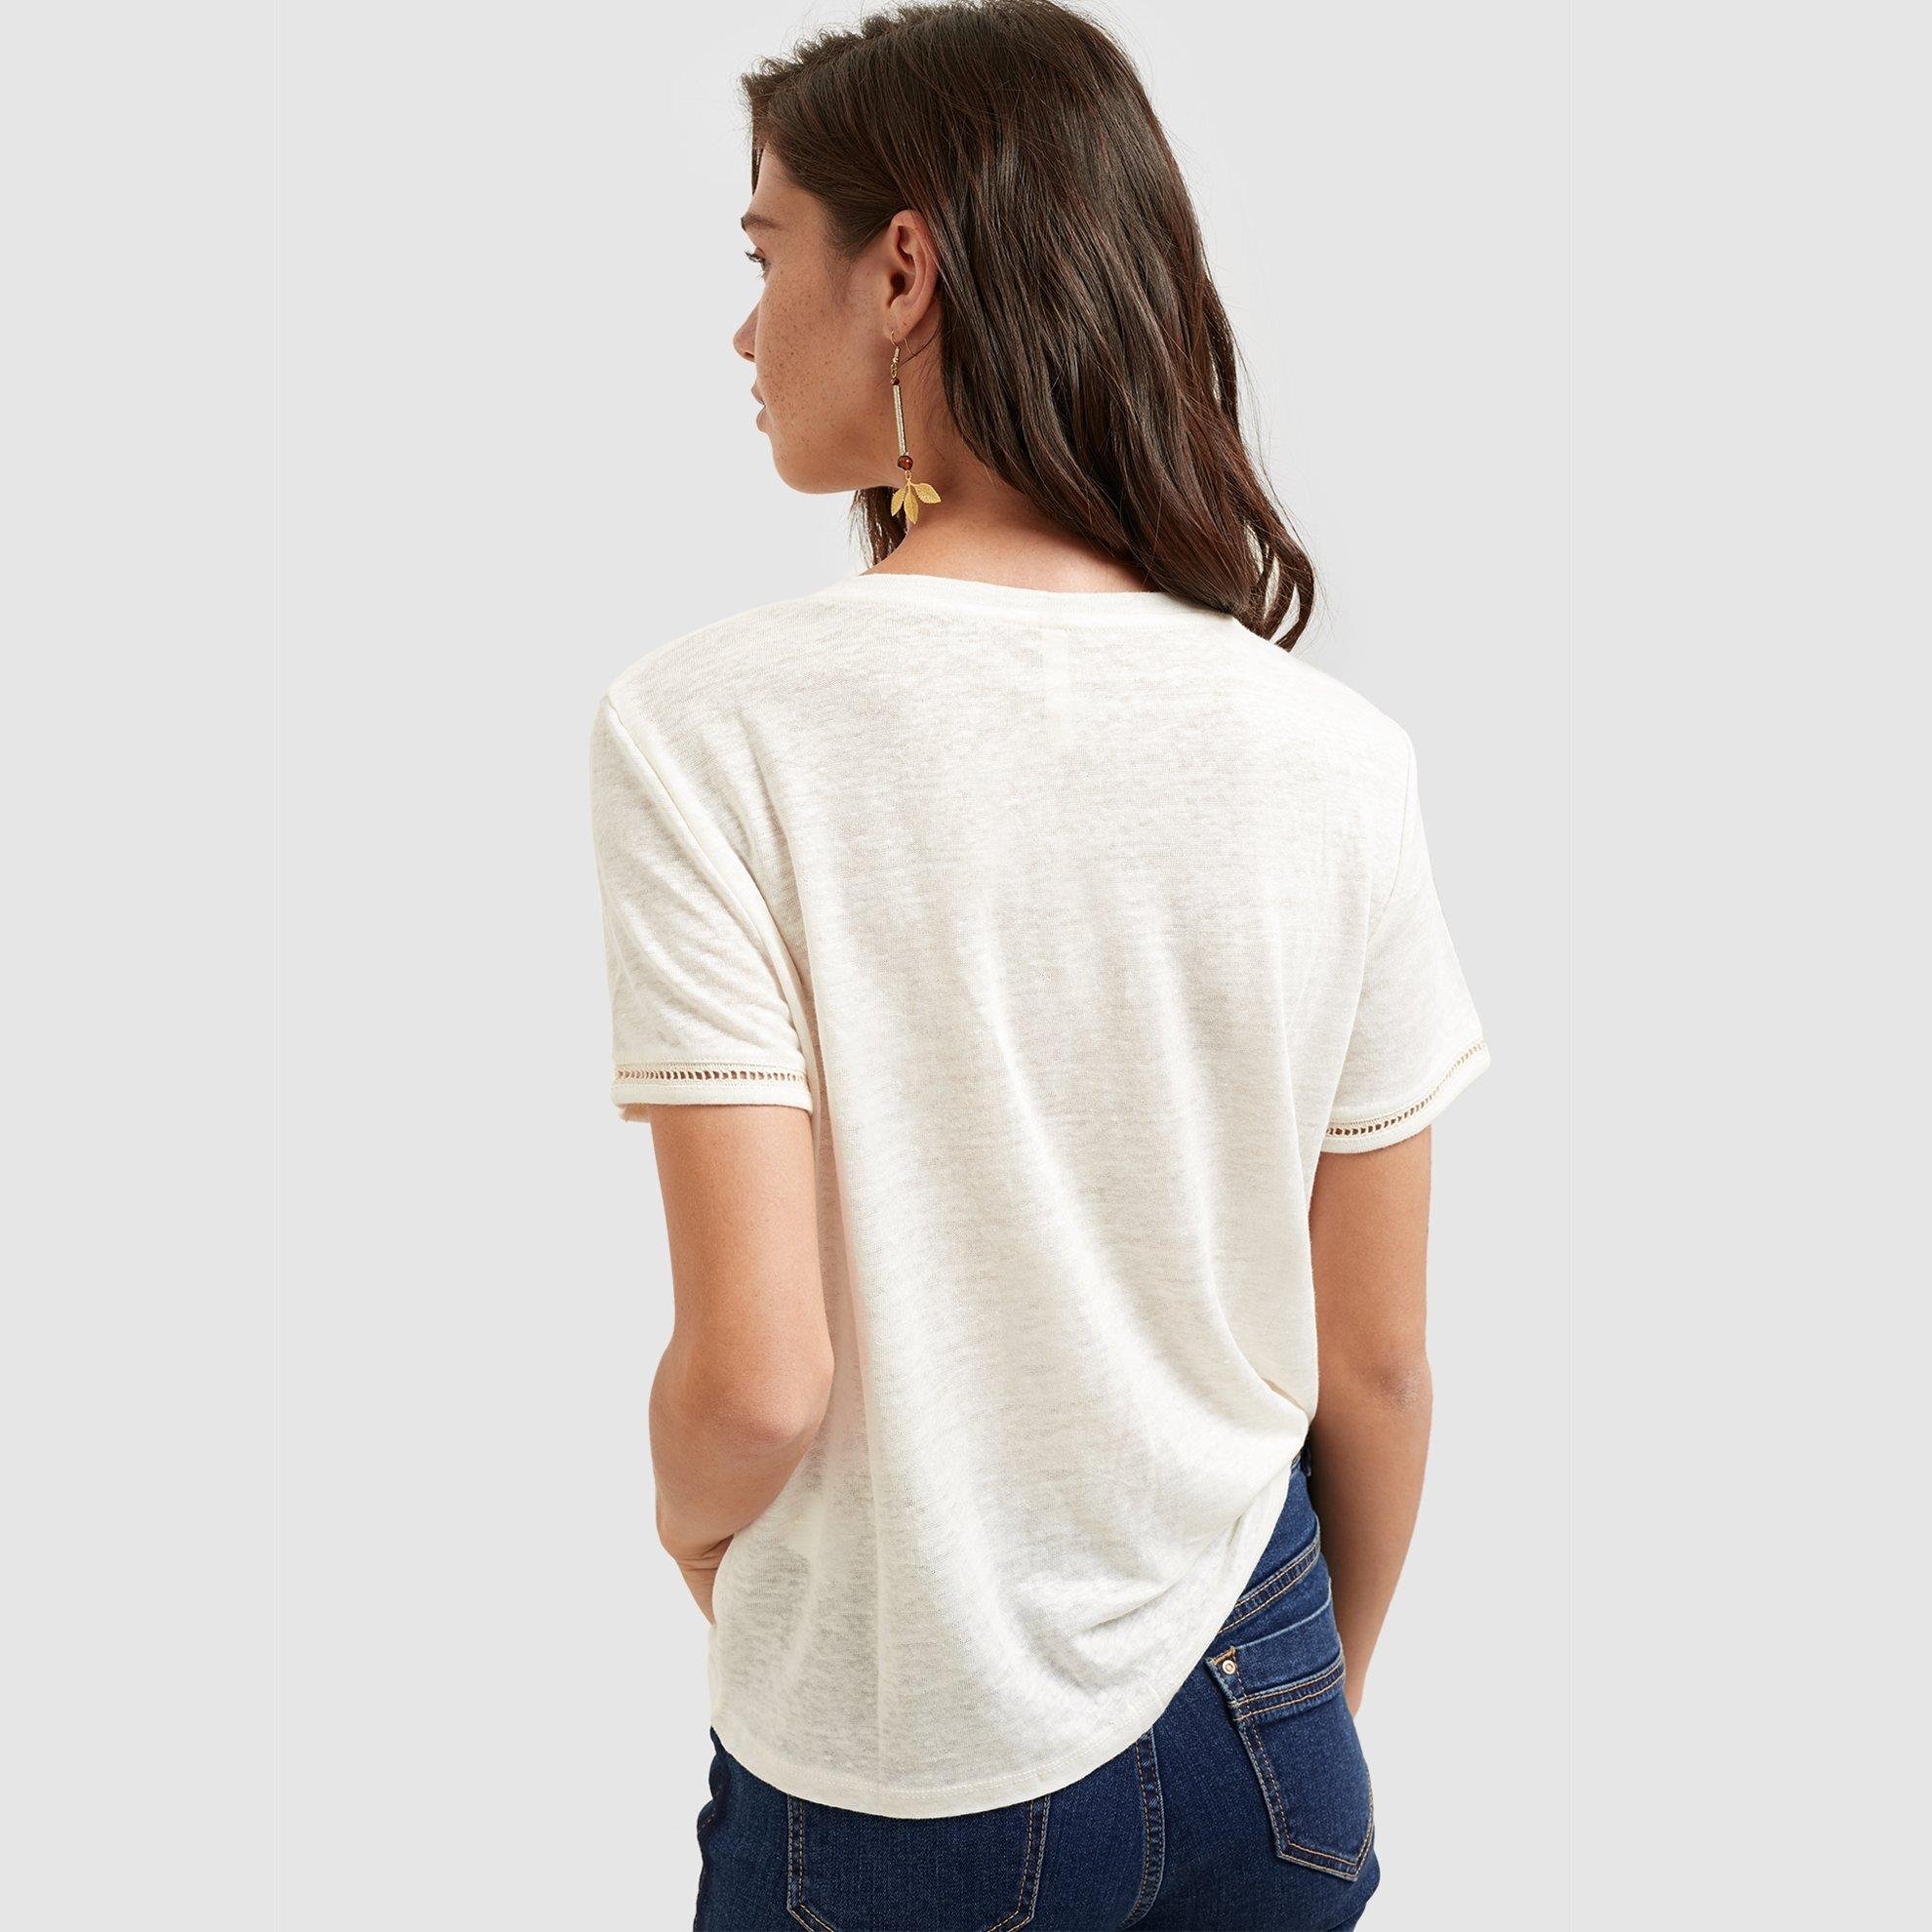 resm Bisiklet Yaka Kısa Kollu T-shirt